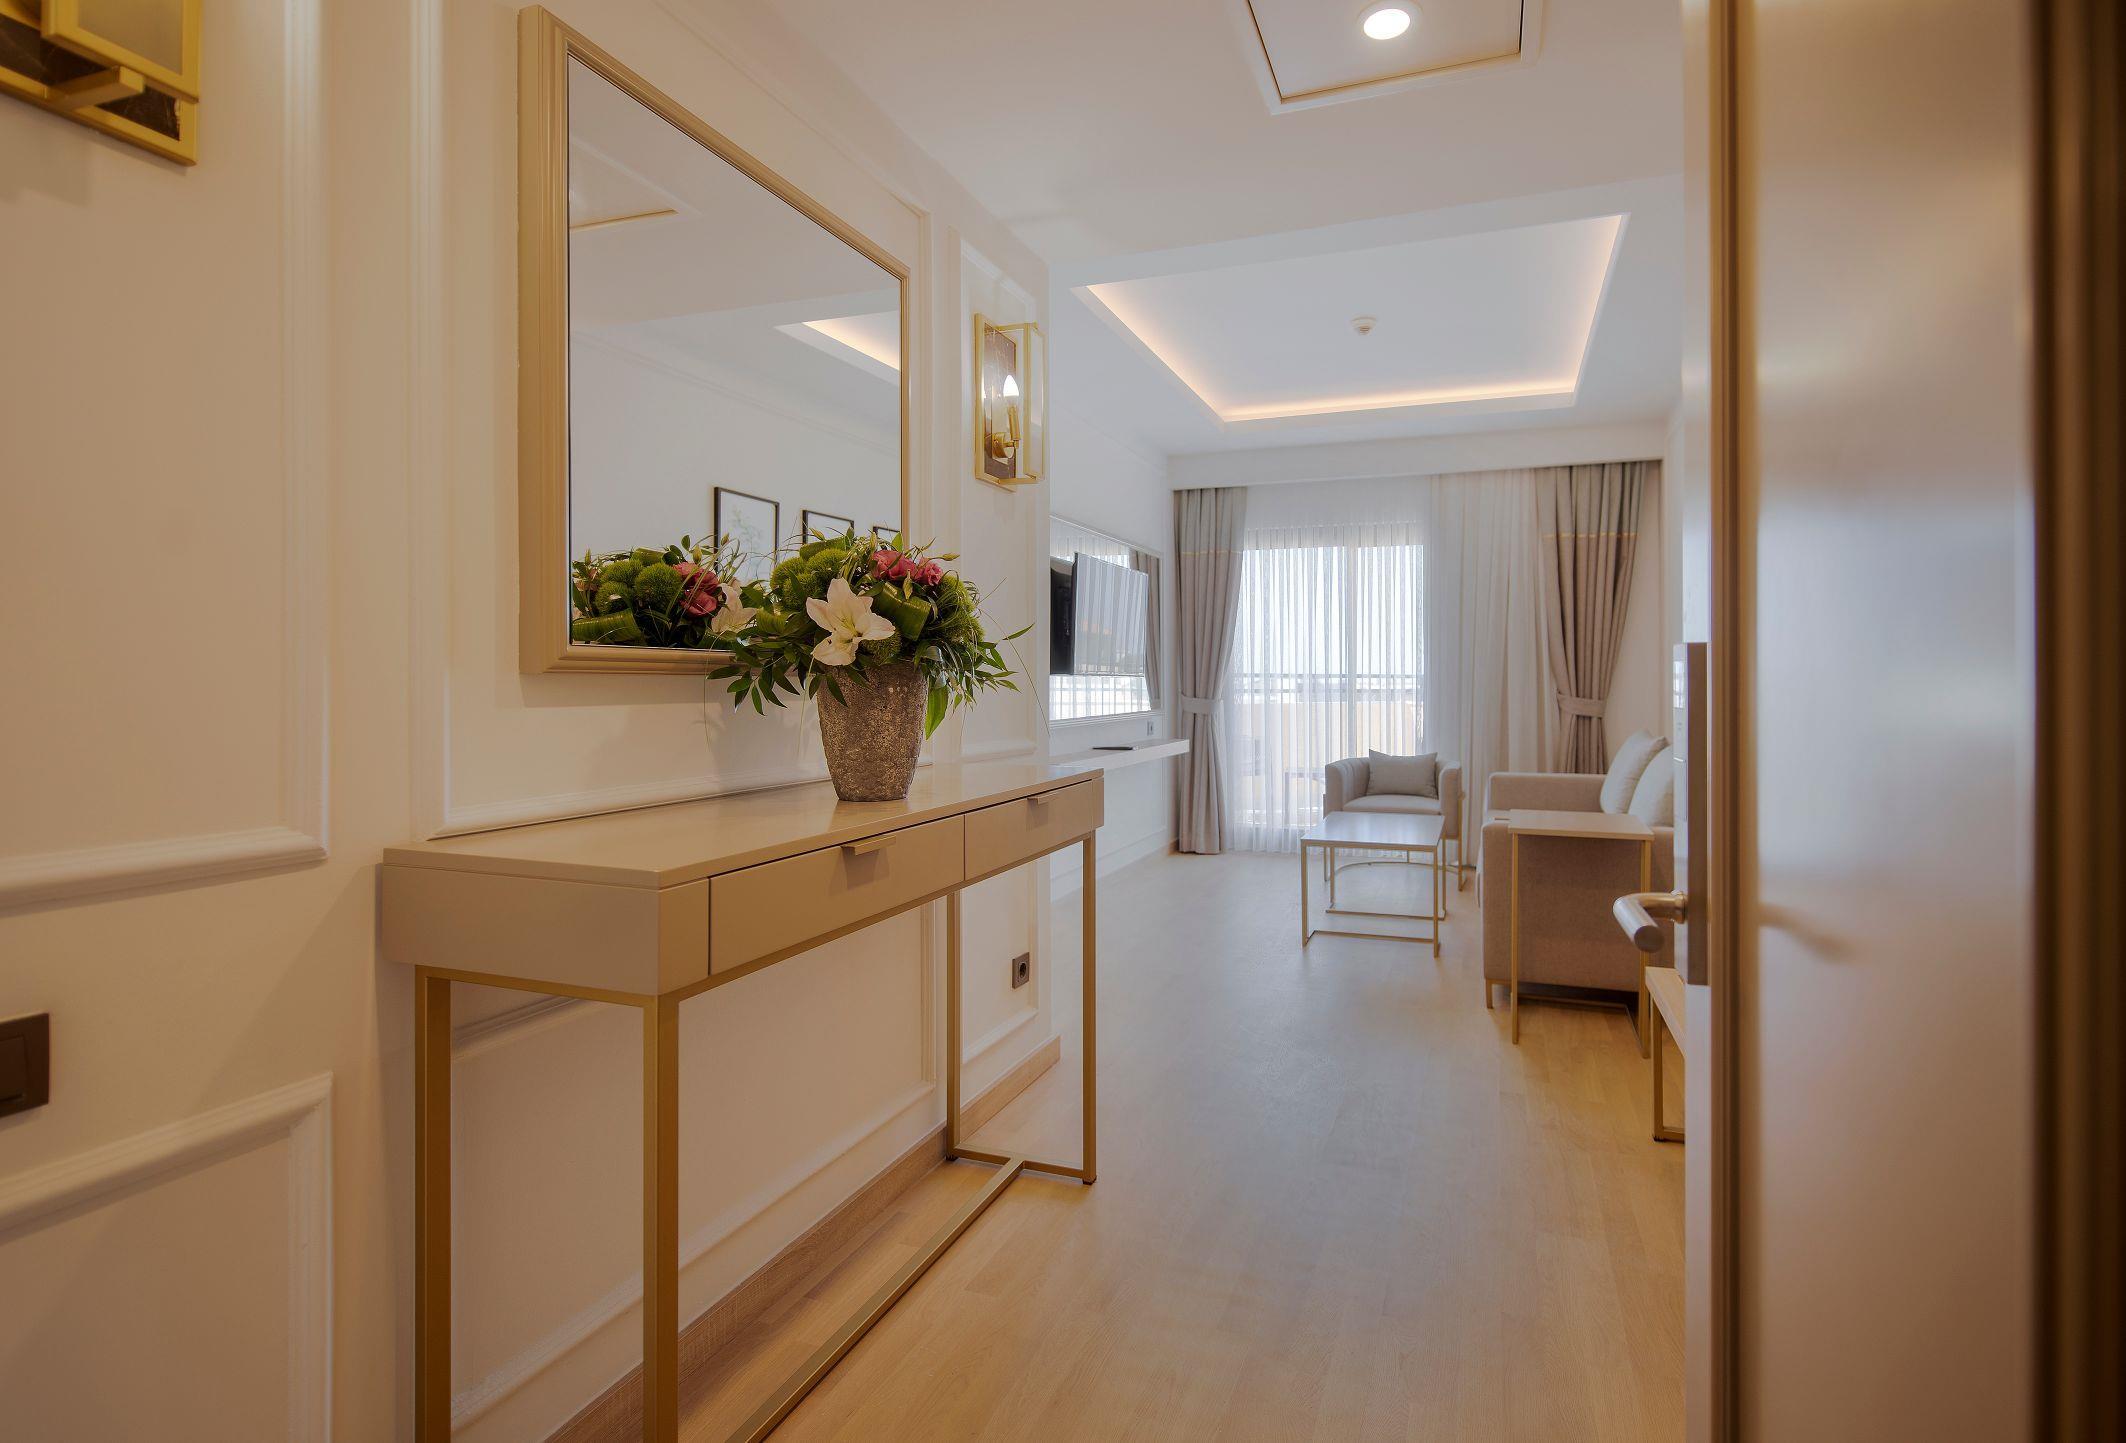 http://www.orextravel.sk/OREX/hotelphotos/miramare-queen-hotel-general-0044.jpg